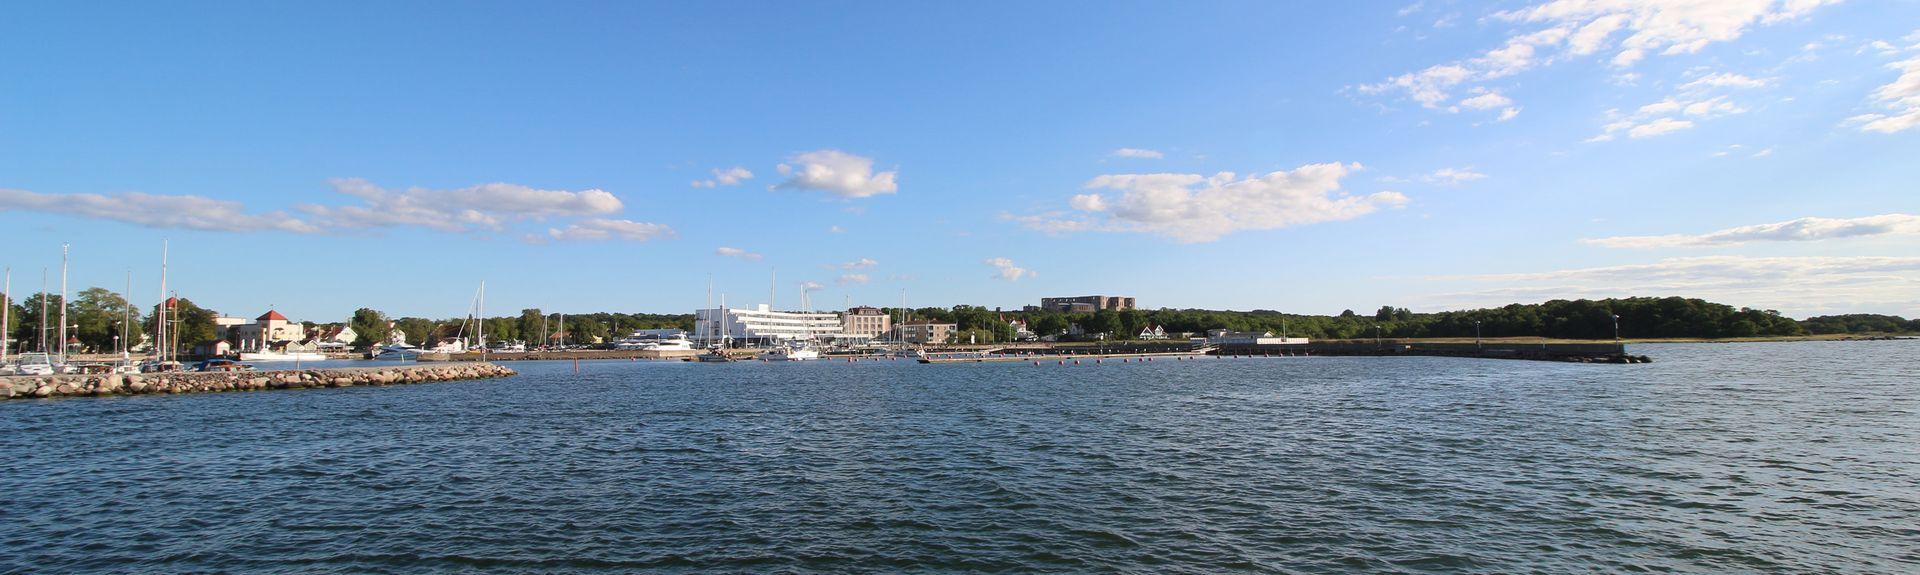 Golf de Kalmar, Kalmar, Comté de Kalmar, Suède